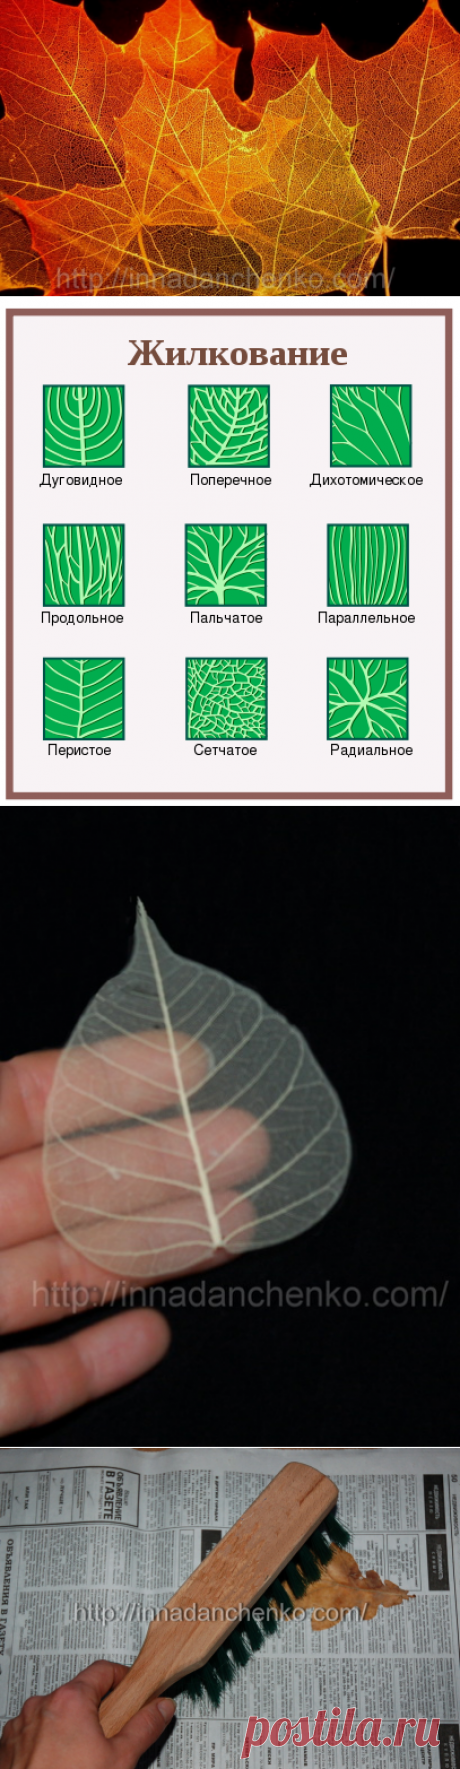 Скелетирование листьев